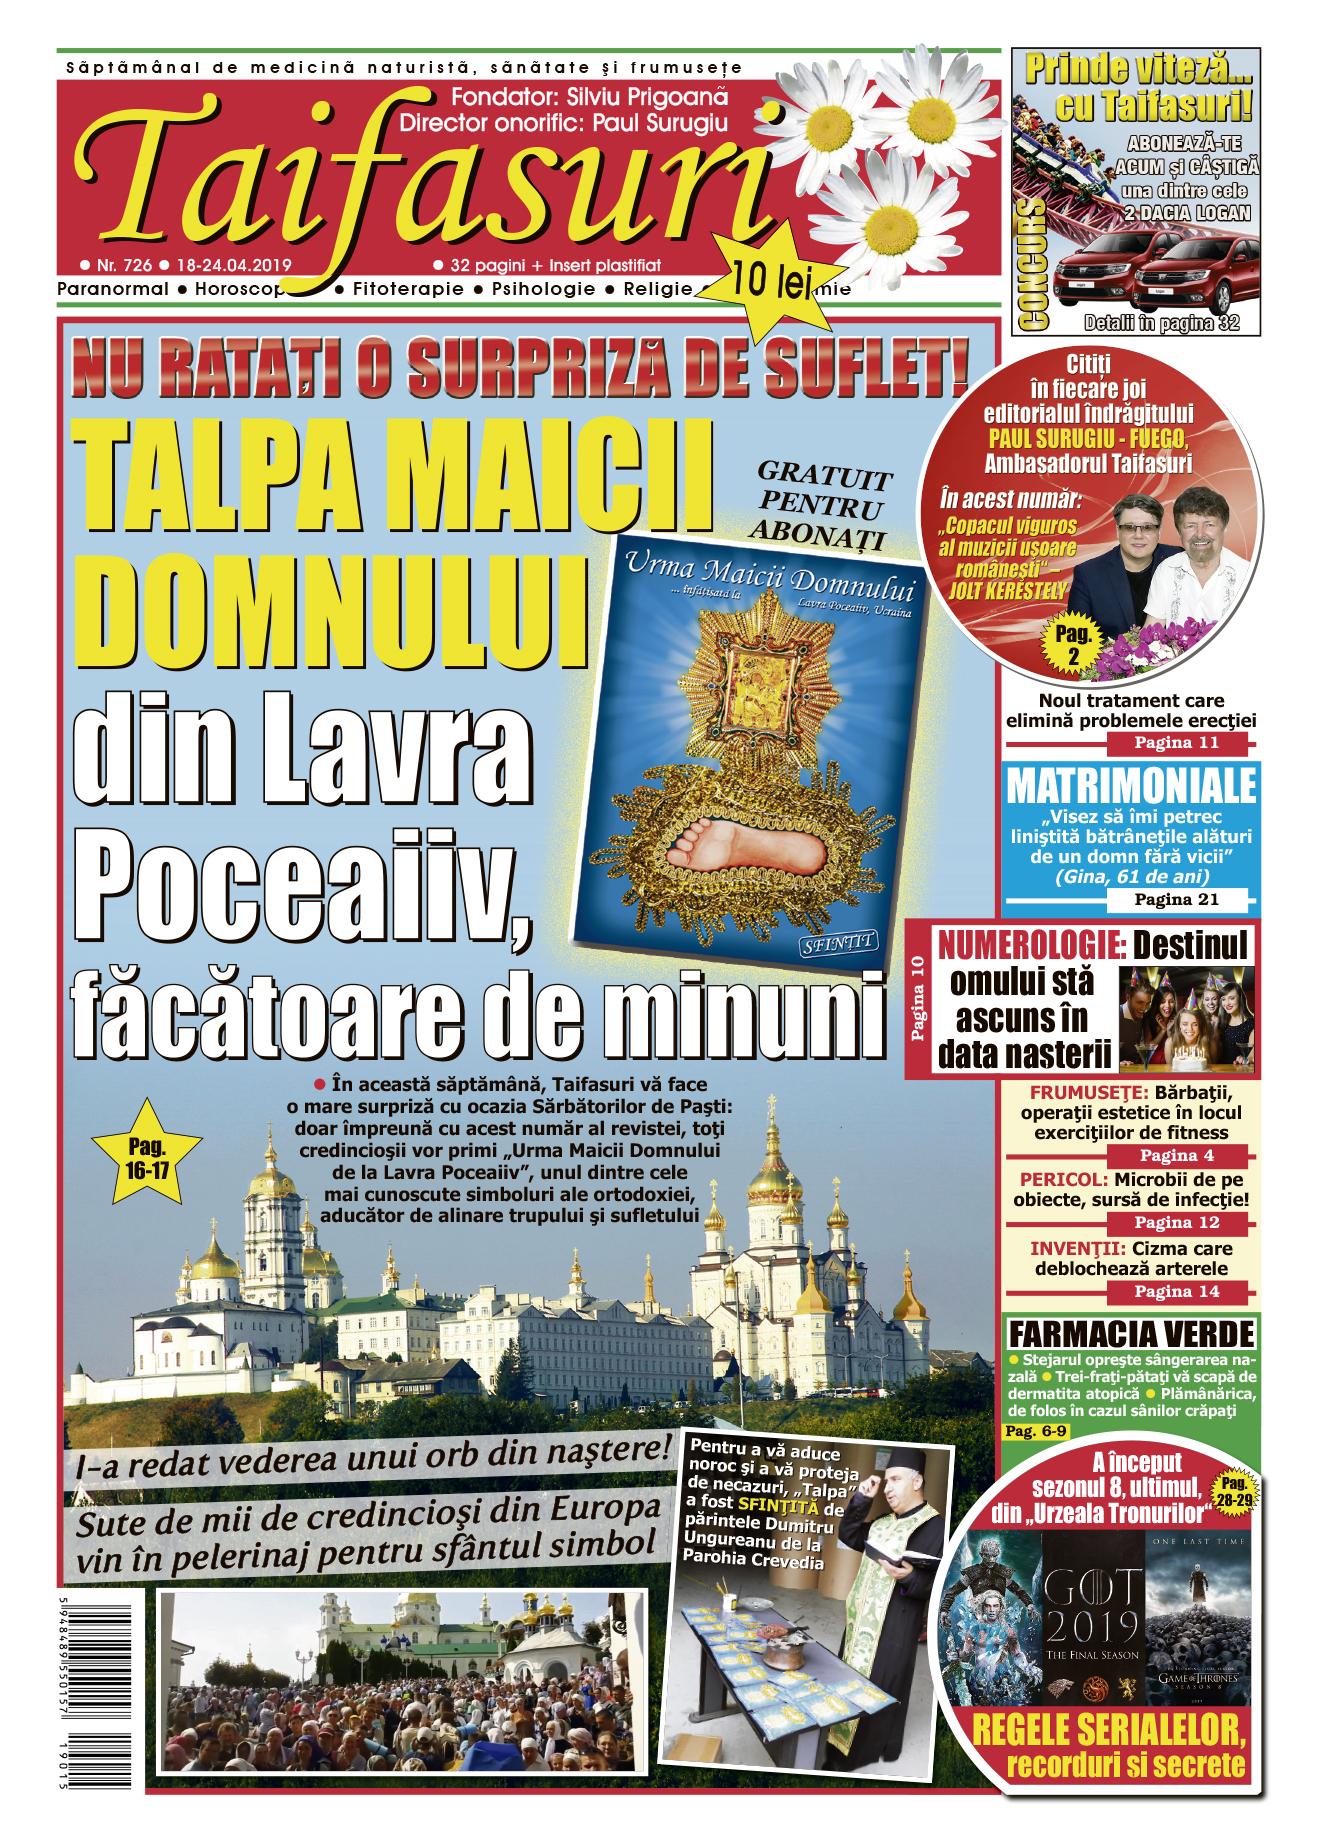 """Revista TAIFASURI din 18 aprilie își face un dar de și din suflet: """"Talpa Maicii Domnului"""". Cadou de Paște, sfințit"""